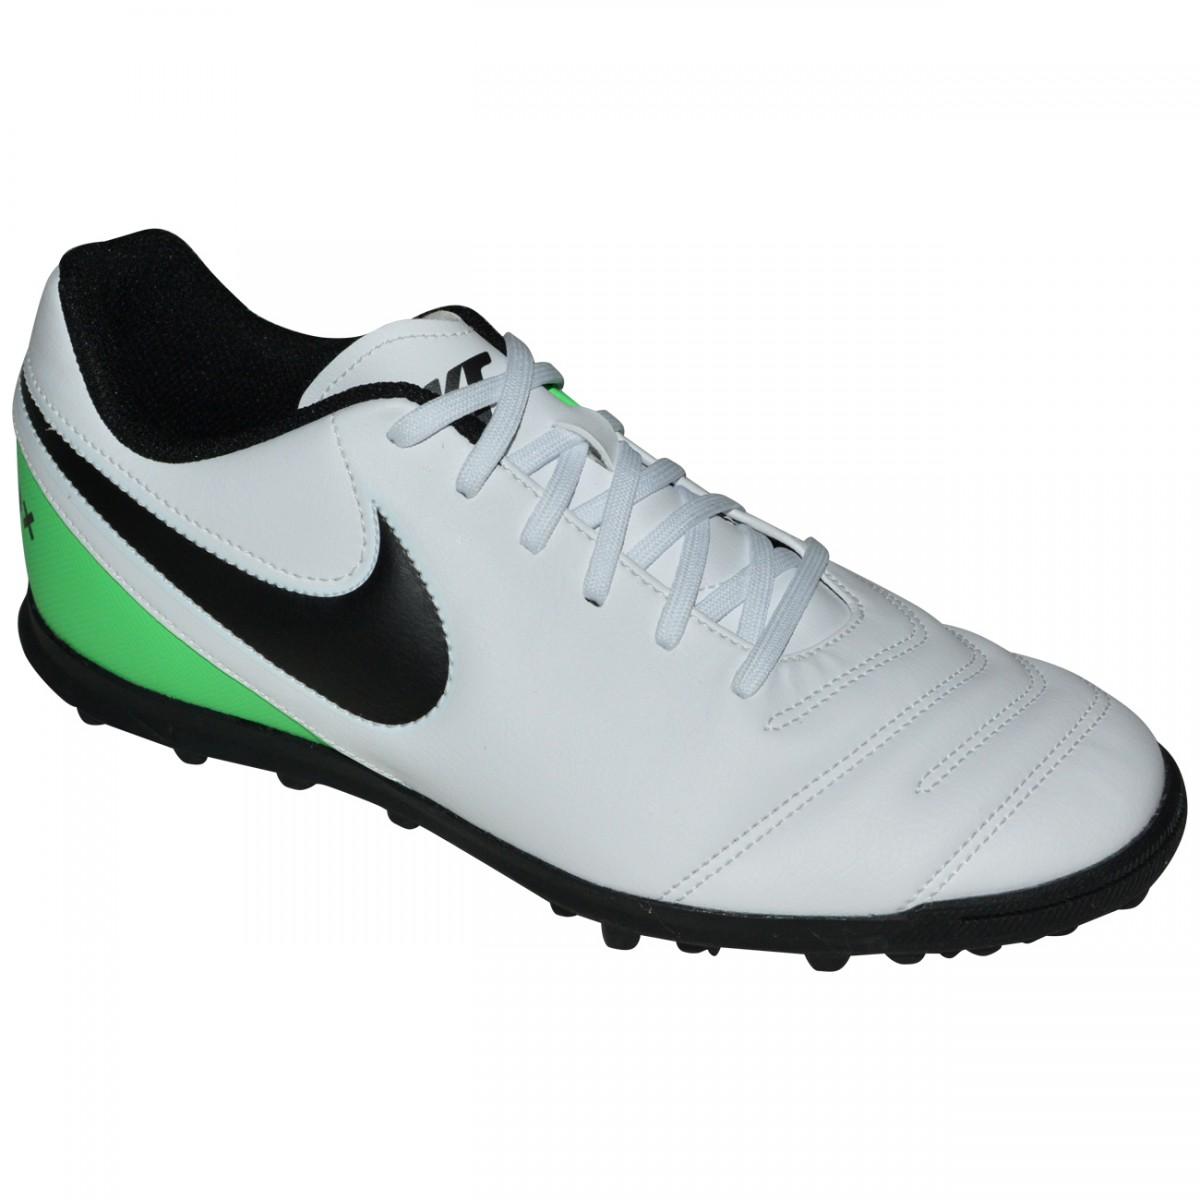 34d23665dc2b2 Chuteira Society Nike Tiempox Rio III 819237 103 - Branco/Preto/Verde -  Chuteira Nike, Adidas. Sandalias Femininas. Sandy Calçados